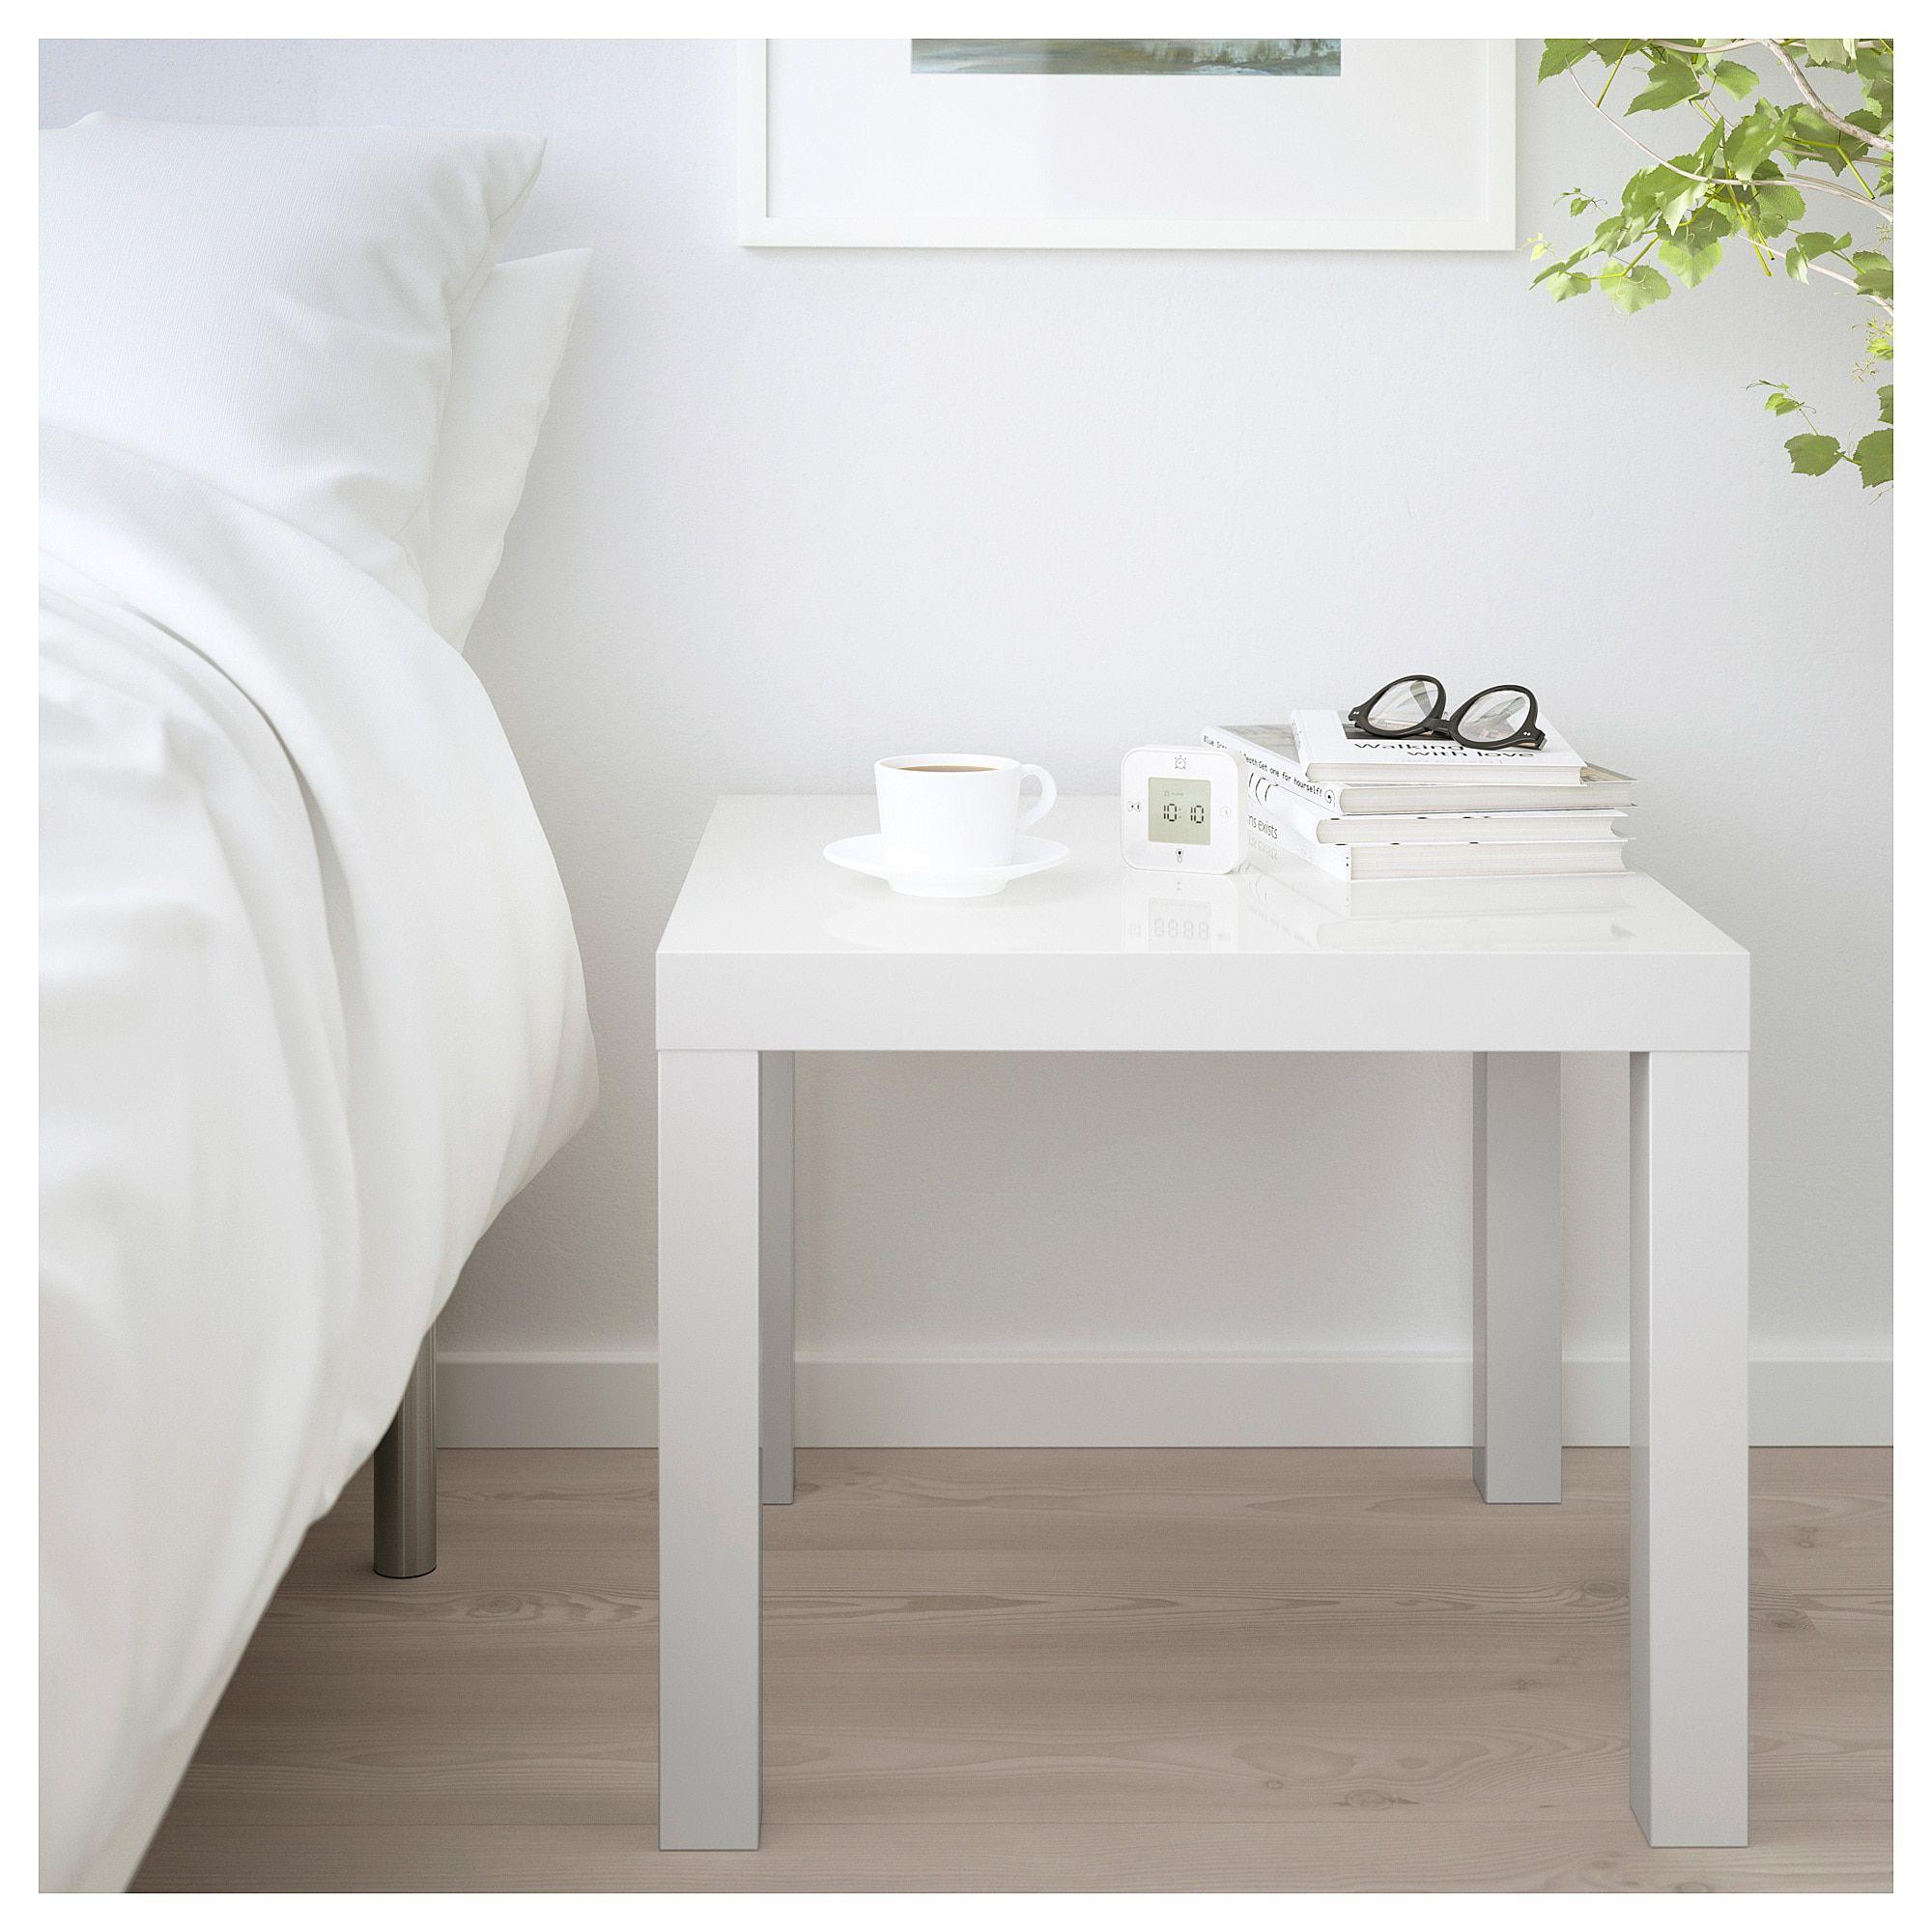 Lack Side Table High Gloss White Ikea Ikea Lack Side Table White Side Tables Ikea Side Table [ 2000 x 2000 Pixel ]